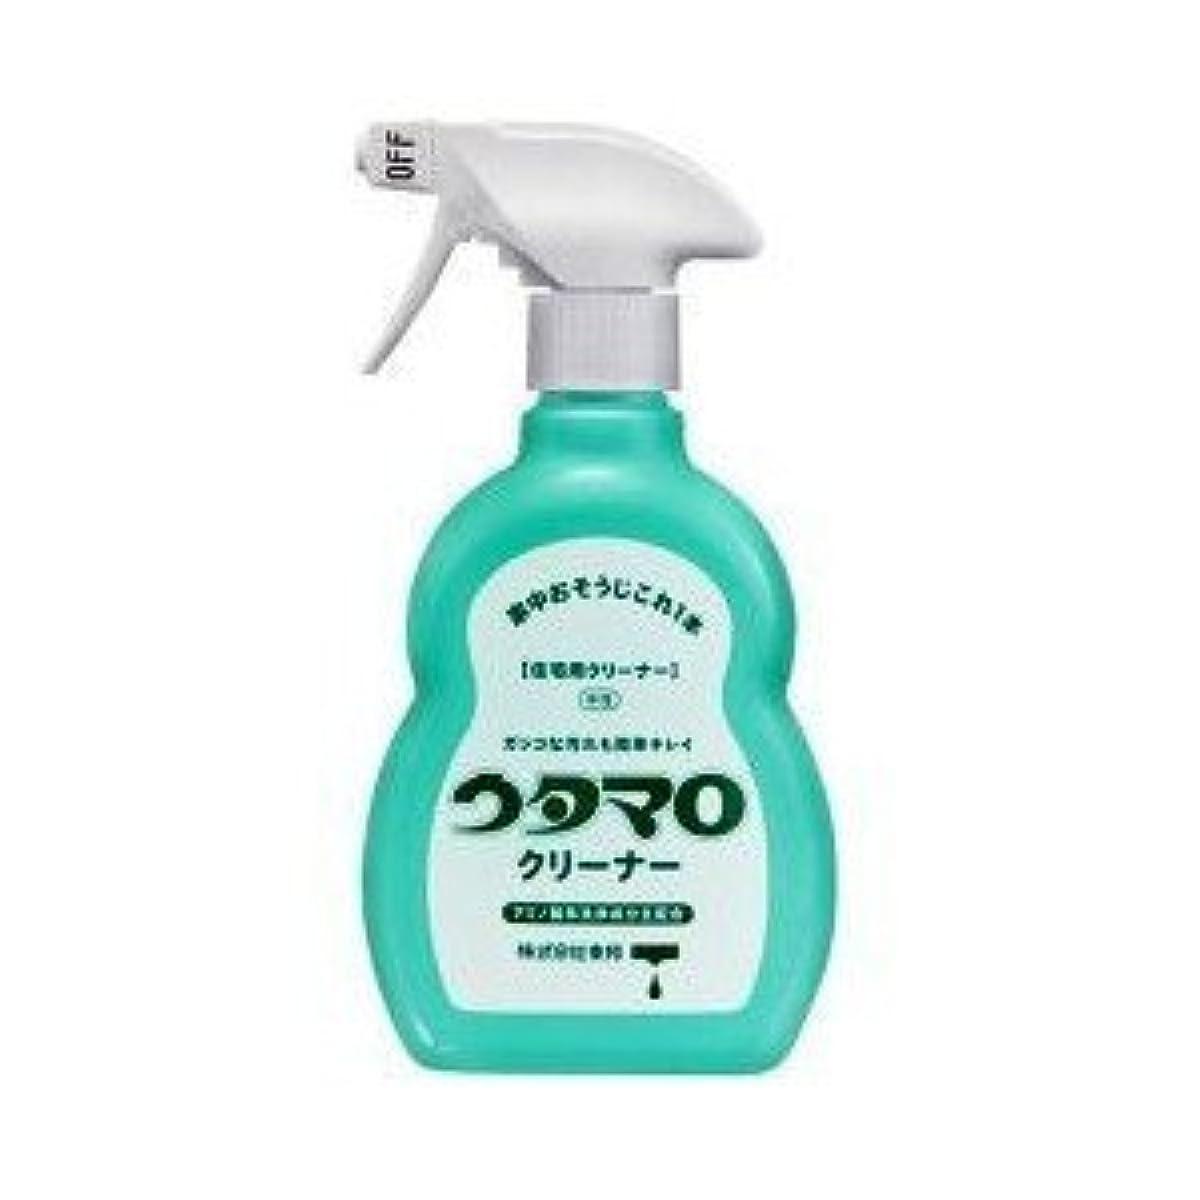 真剣に失効なるウタマロ クリーナー 400ml 洗剤 住居用 アミノ酸系洗浄成分主配合 さわやかなグリーンハーブの香り